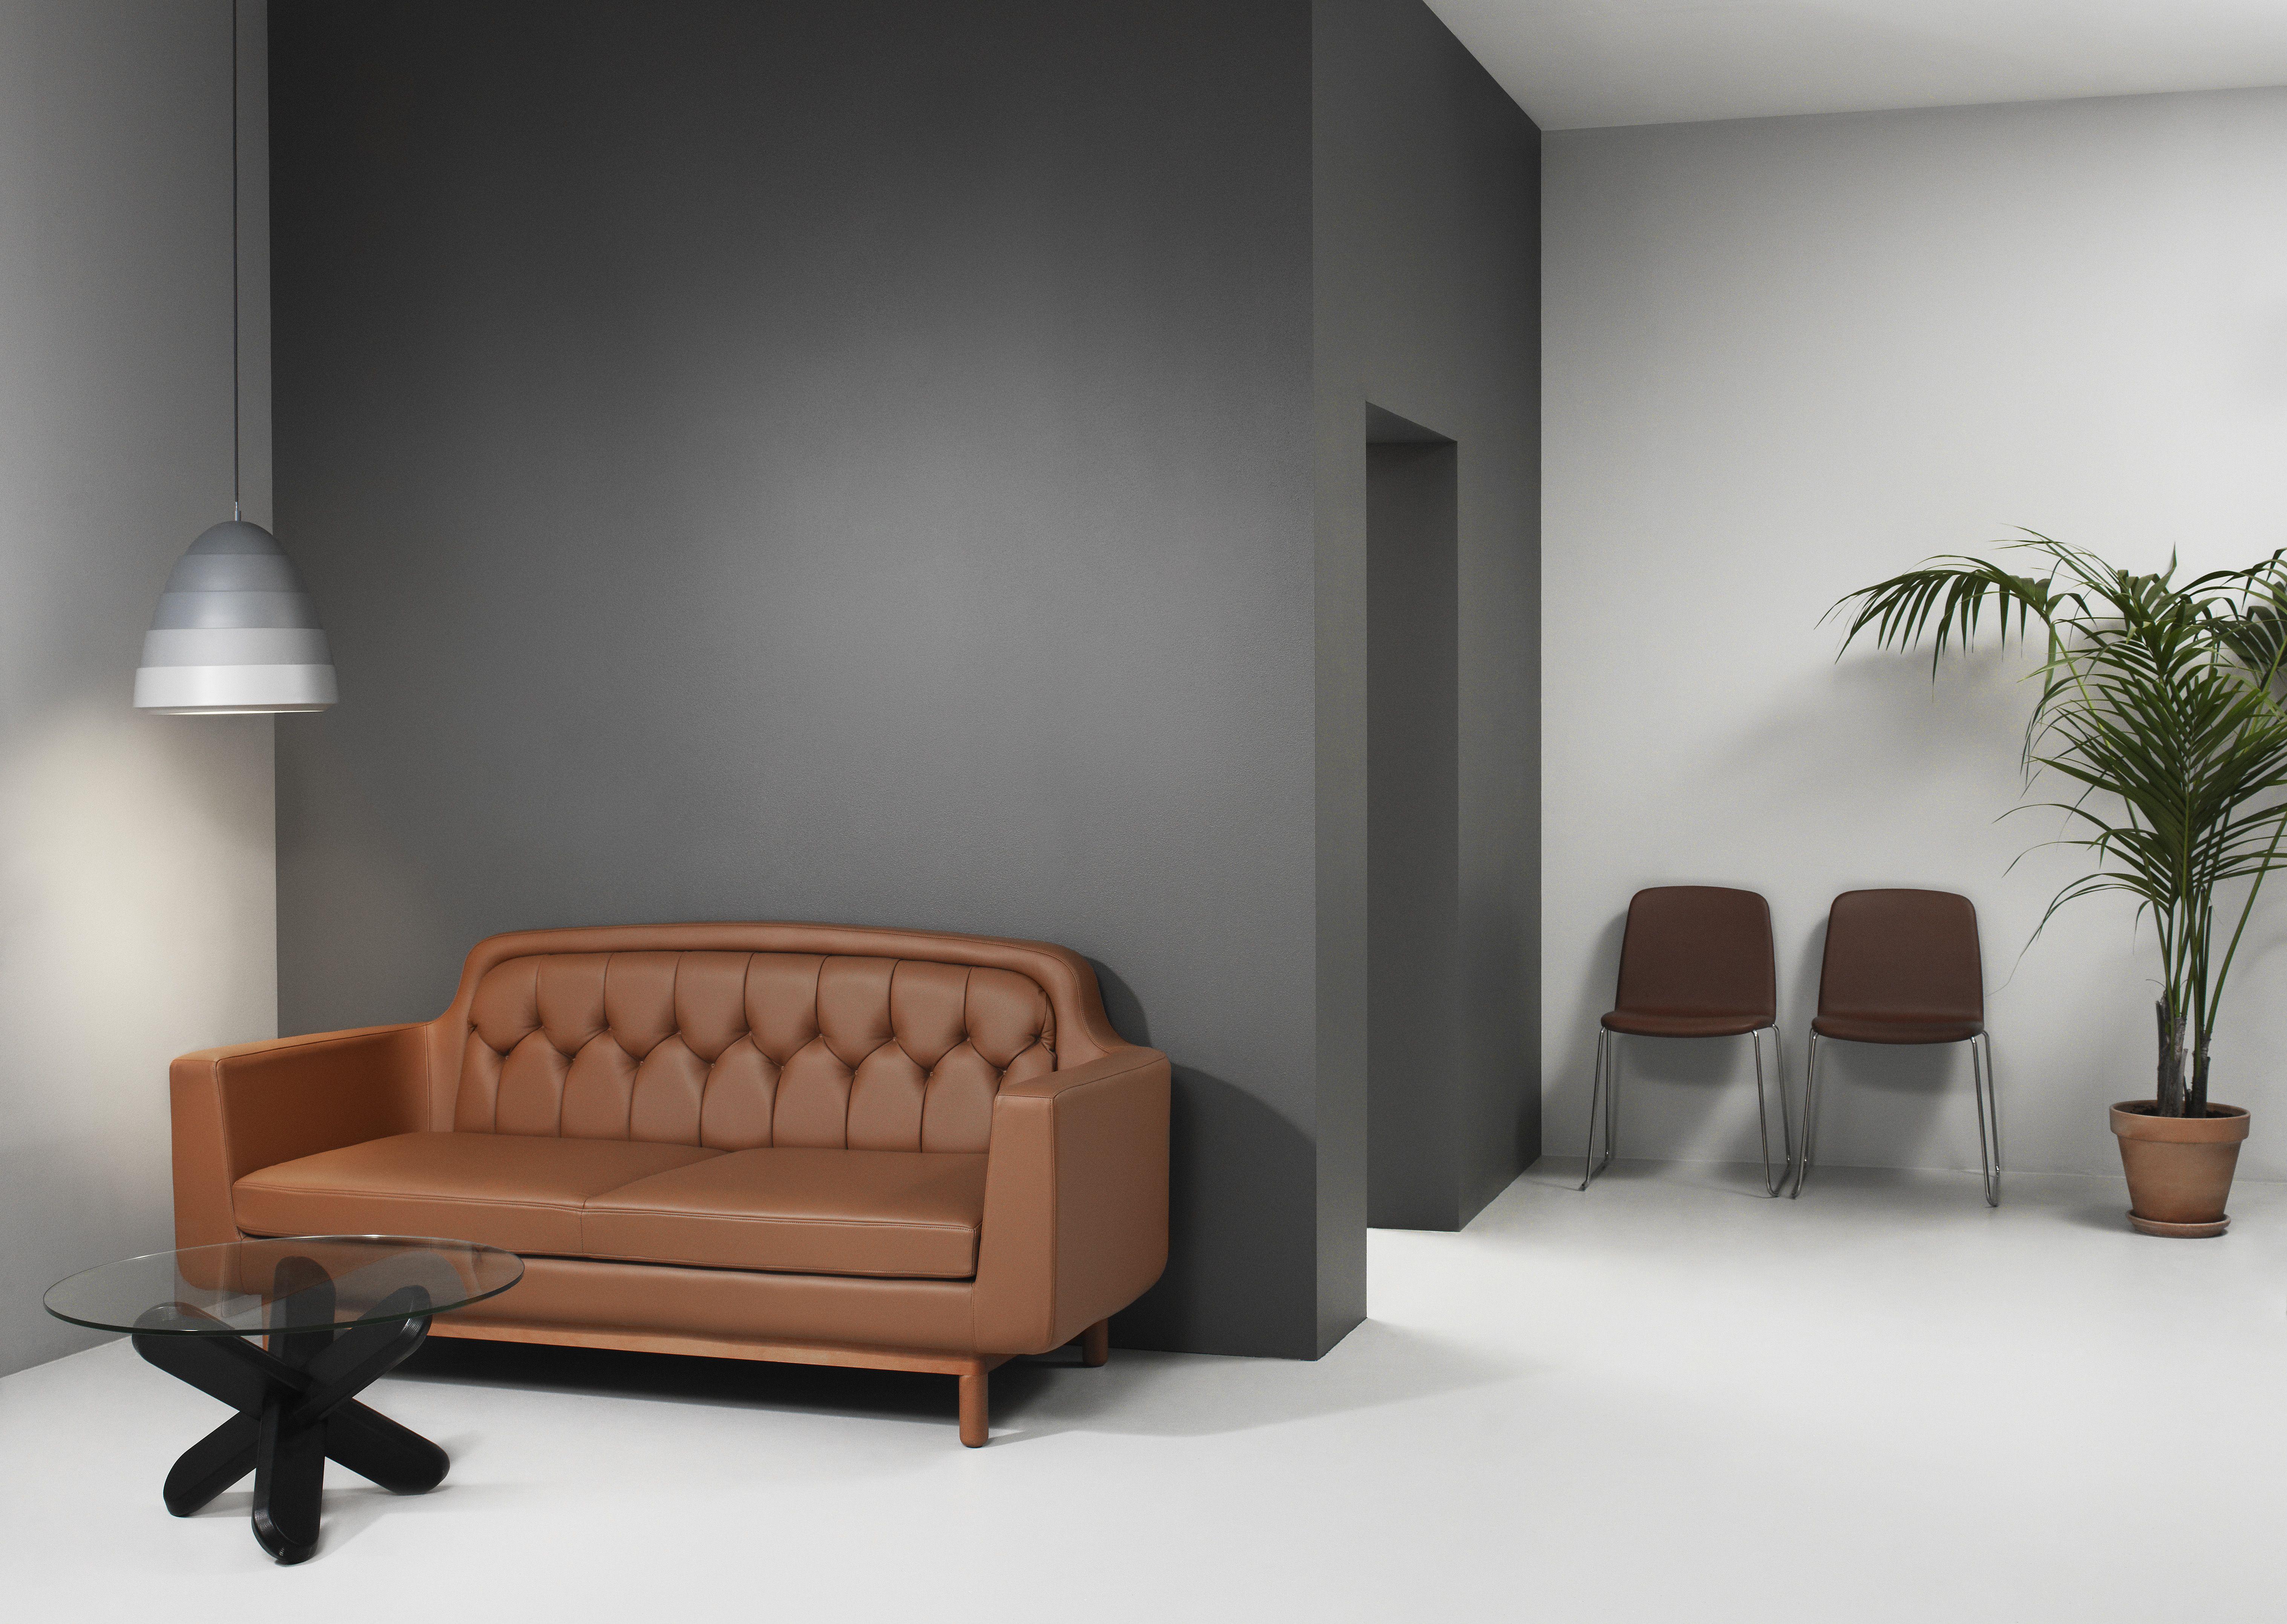 kel tan leather 2 seater sofa by Normann Copenhagen